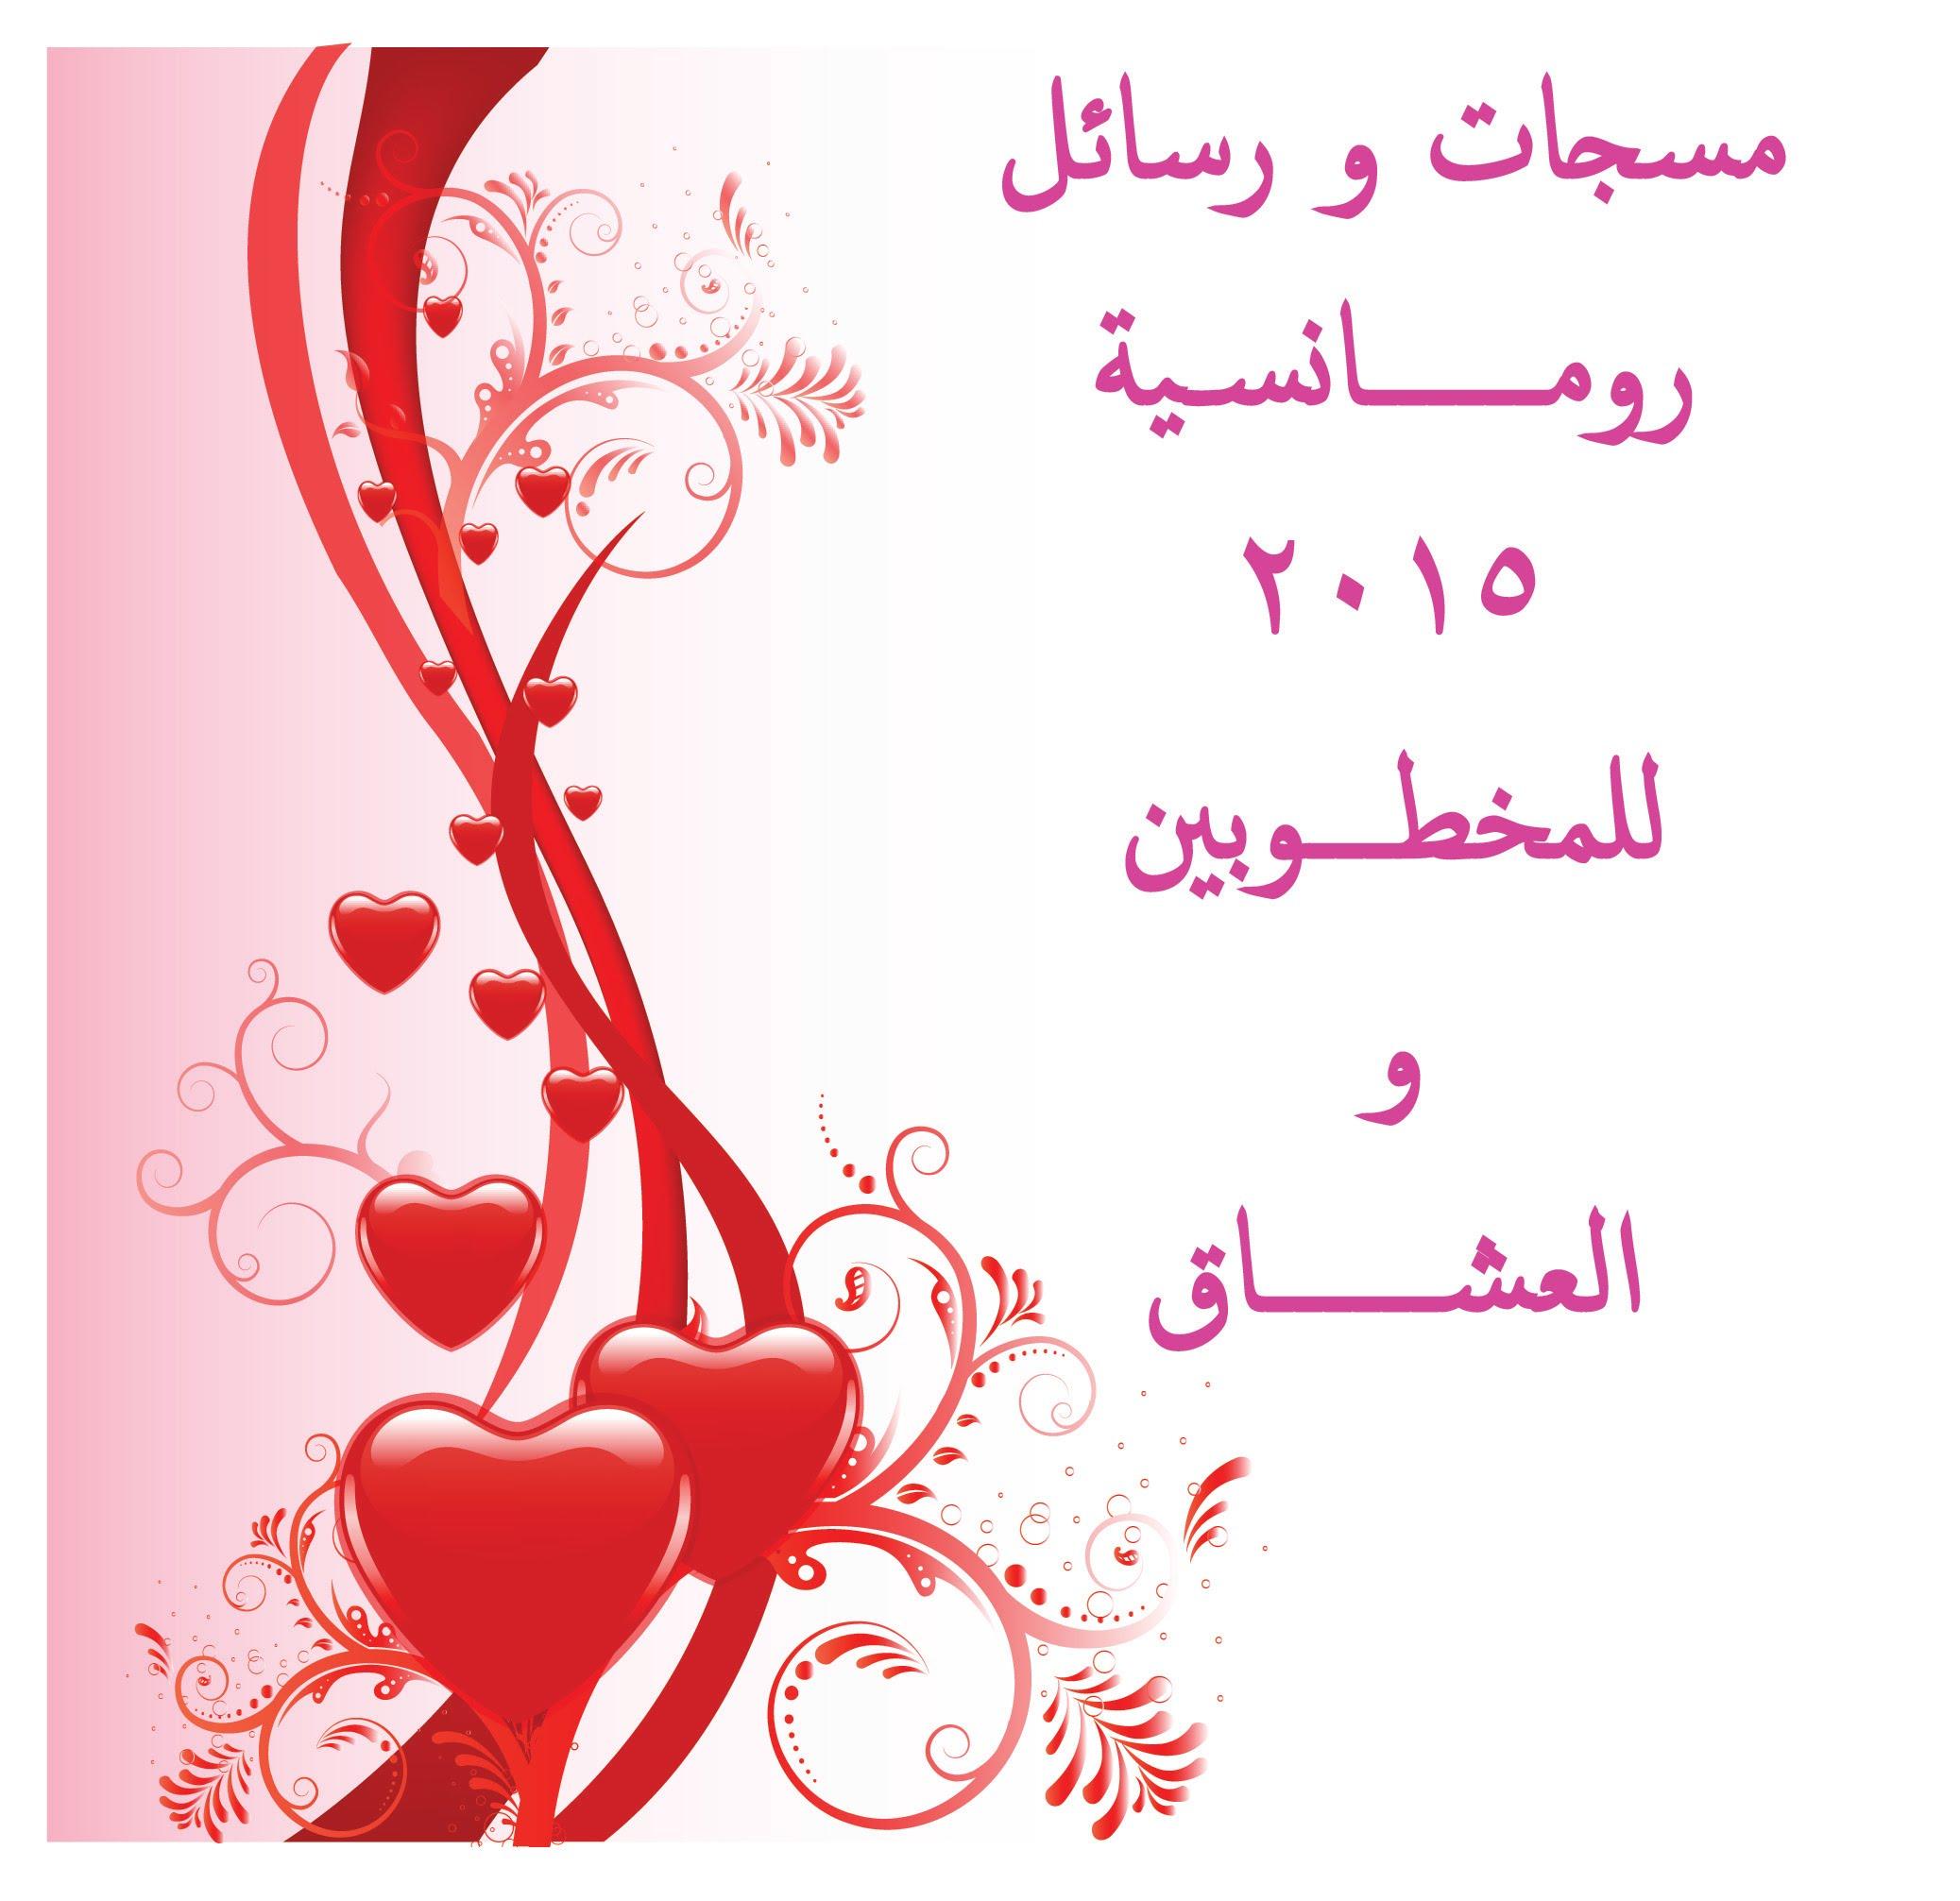 بالصور رسائل رومانسية , صور مكتوب عليها رسائل رومنسية 4008 4